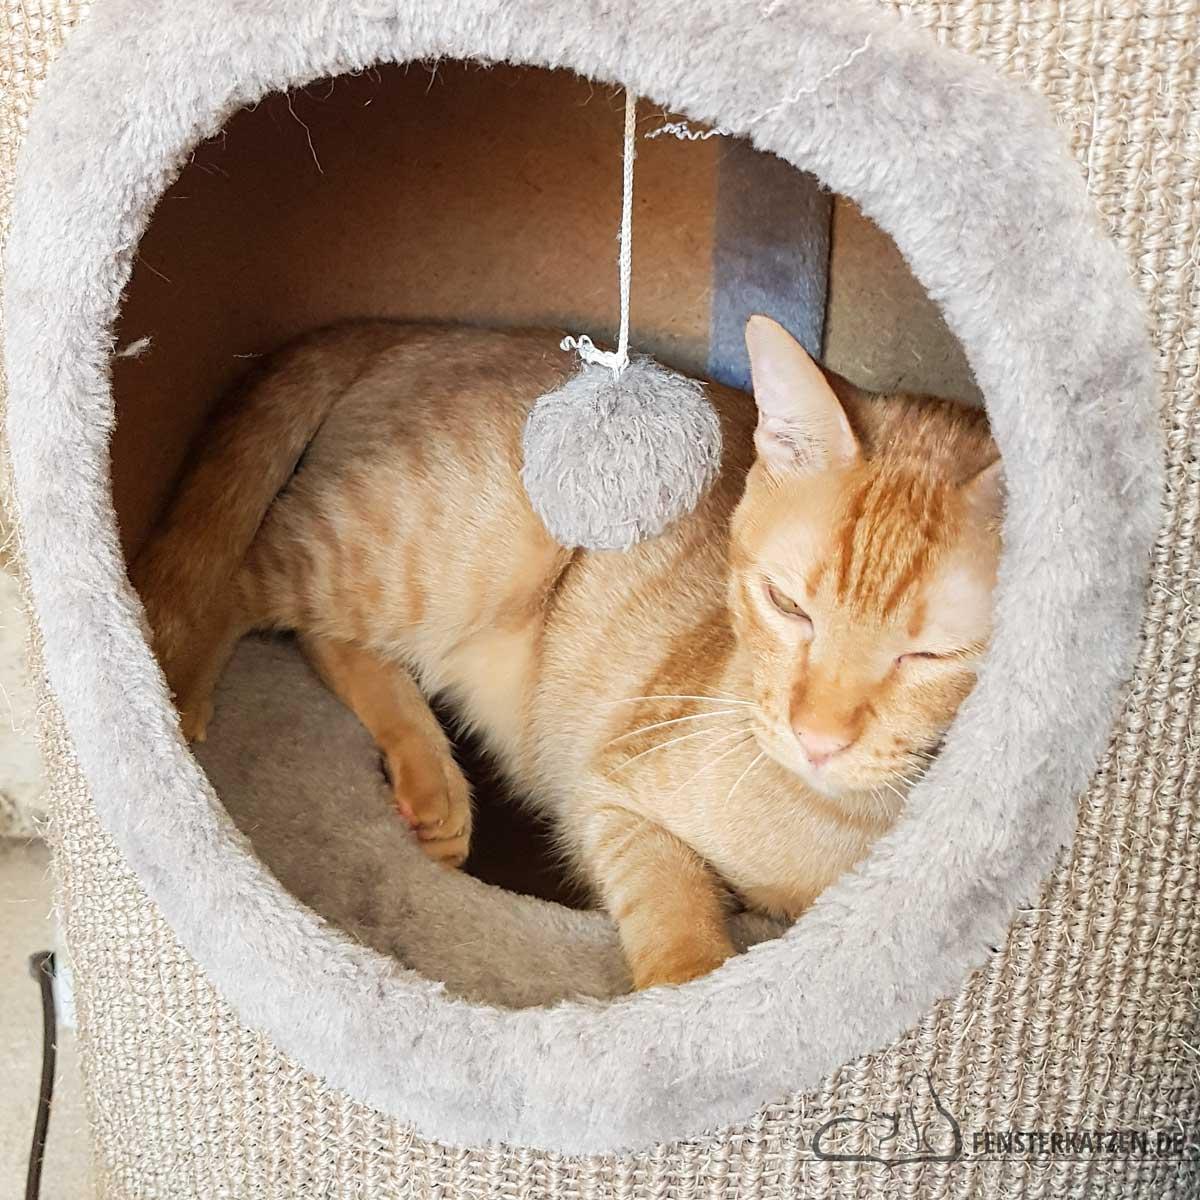 Fensterkatzen-Das-Erste-Mal-Katzen-Zusammenfuehren-Unsere-Erfahrungen-Luke-Kratztonne-Wohnzimmer